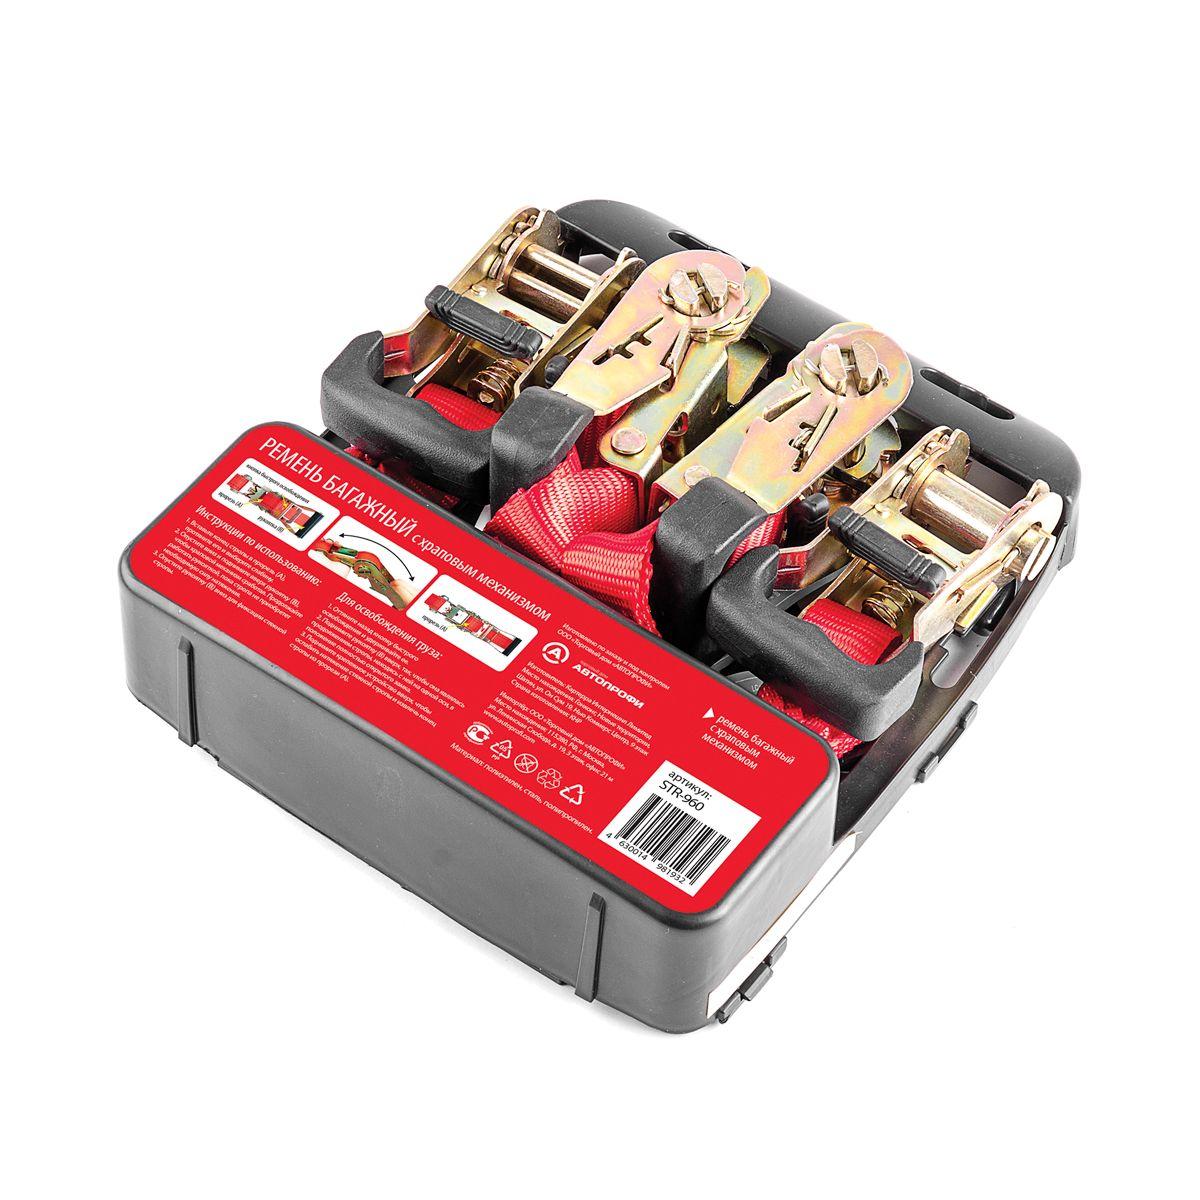 Ремень багажный Autoprofi, с храповым механизмом, 2,7 см, 4,5 м, 2 штSTR-960Стяжки для крепления груза Autoprofi позволят зафиксировать даже негабаритный багаж и предотвратить его повреждение при перевозке. Они могут применяться как в автомобиле, так и в остальных транспортных средствах. Кроме того, стяжки находят широкое применение в хозяйственно-бытовых нуждах. Например, с помощью стяжек груза можно закрепить багажник на автомобиле, сноуборд, доски для серфинга, строительный материал и многое другое.Длина: 4,5 м.Ширина: 2,7 см.Прочность на разрыв: 960 кг.